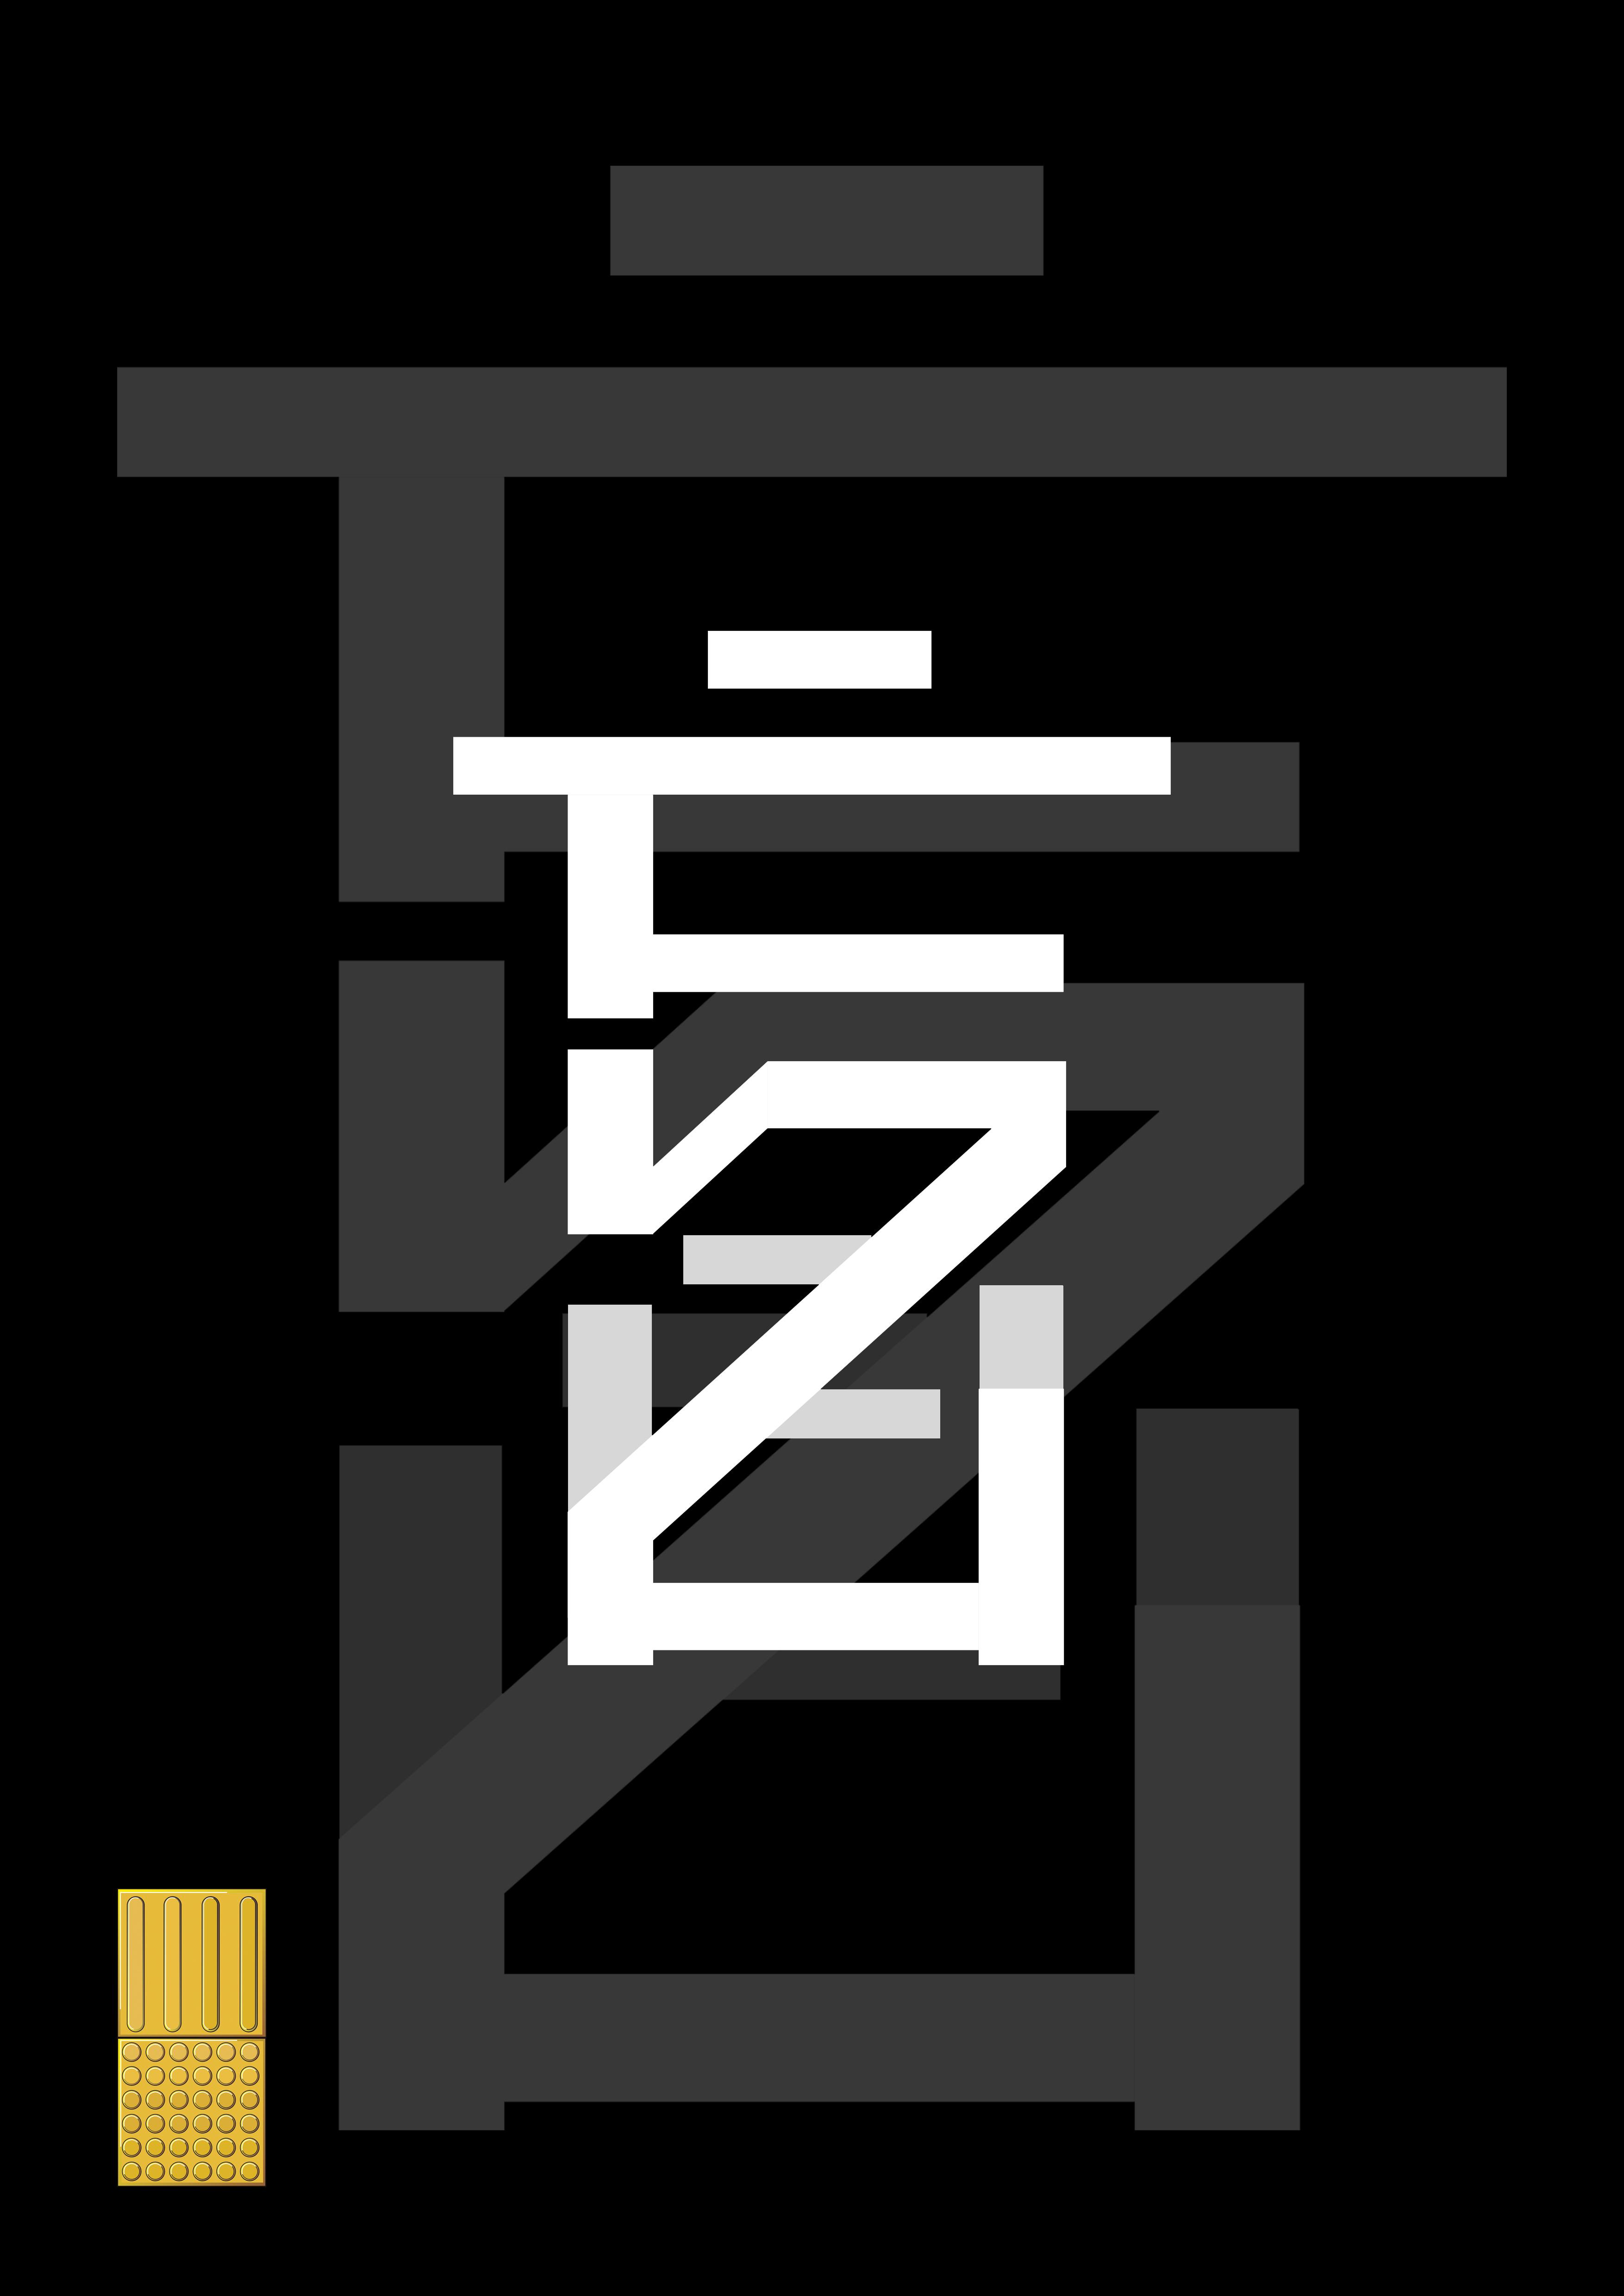 傅佩荣詺)���$����\_— 一字一海报 平面 海报 筱詺 - 原创作品